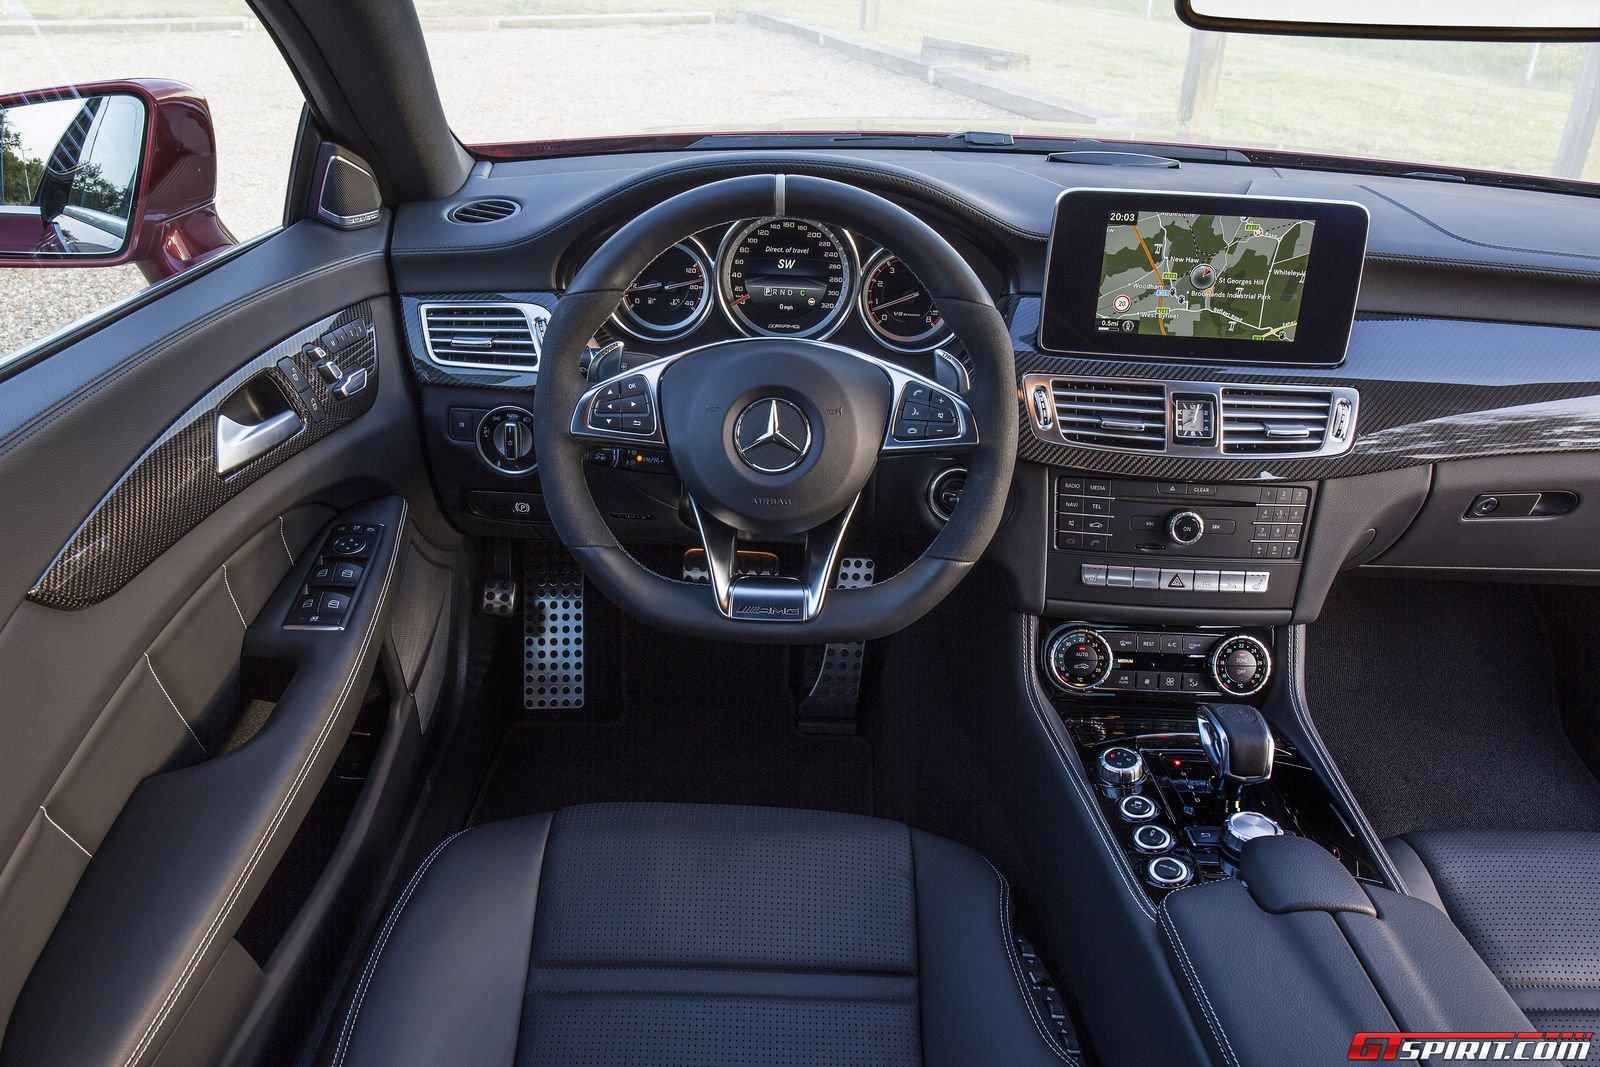 Mercedes Benz Sls Amg Review >> Mercedes Sls 2015 Interior | www.pixshark.com - Images Galleries With A Bite!